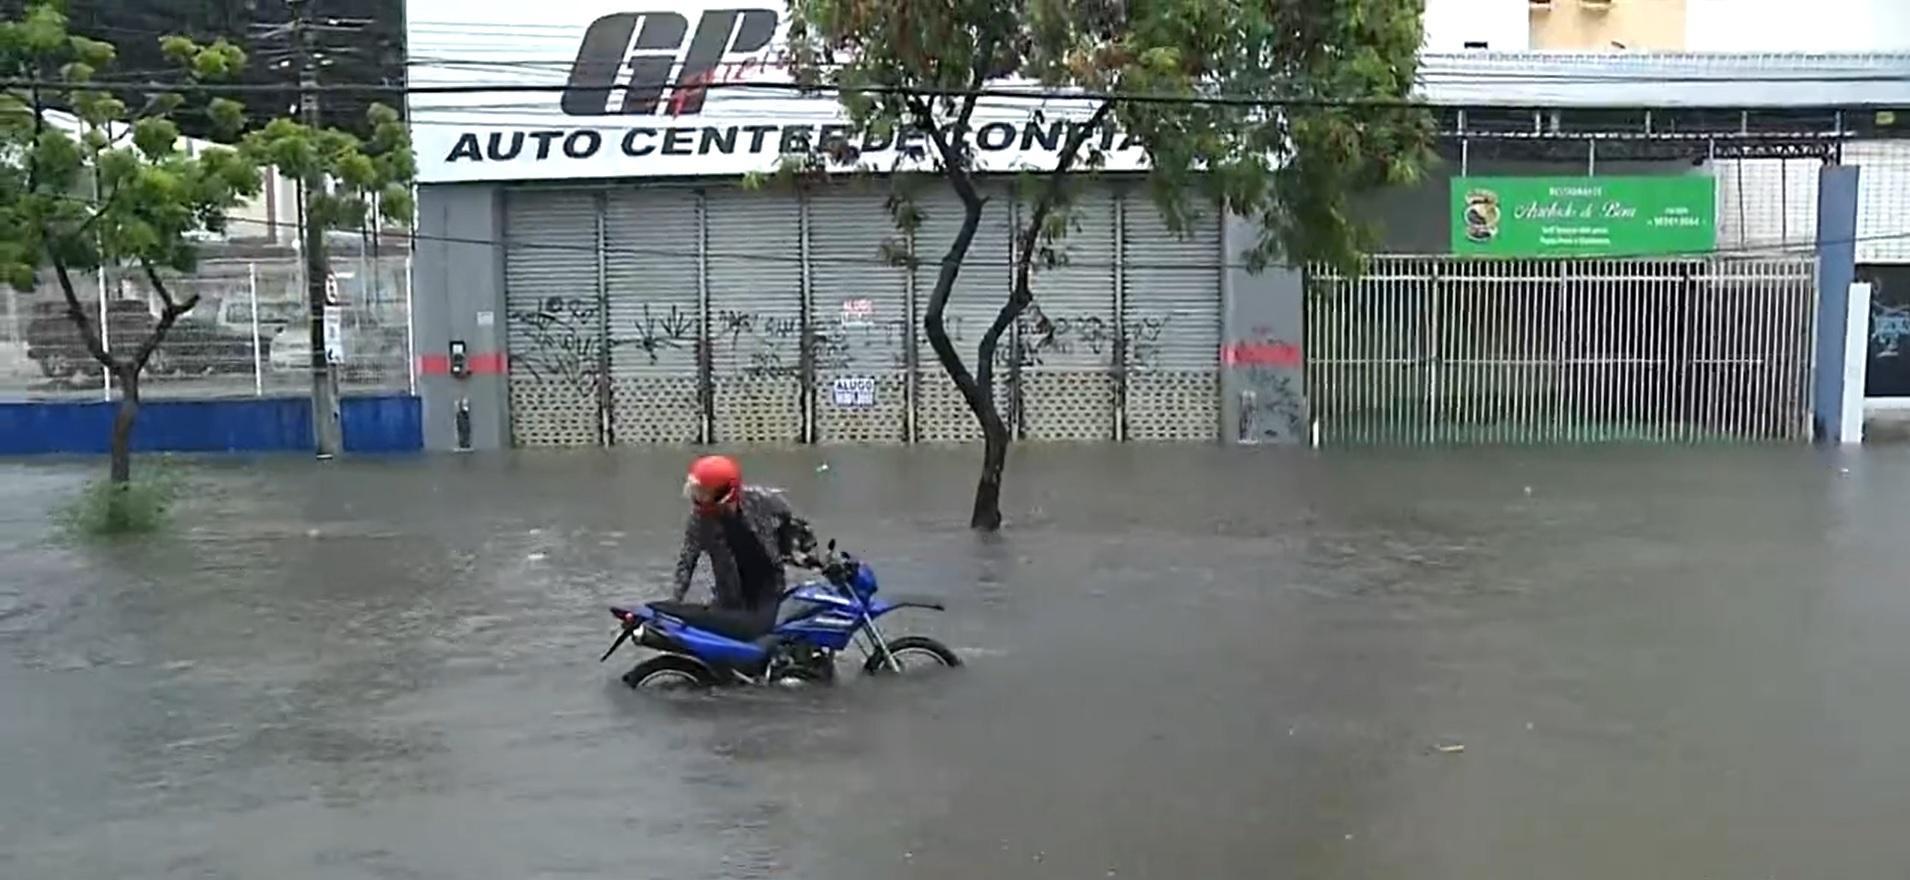 Motociclista preso na avenida Heráclito Graça em abril de 2021